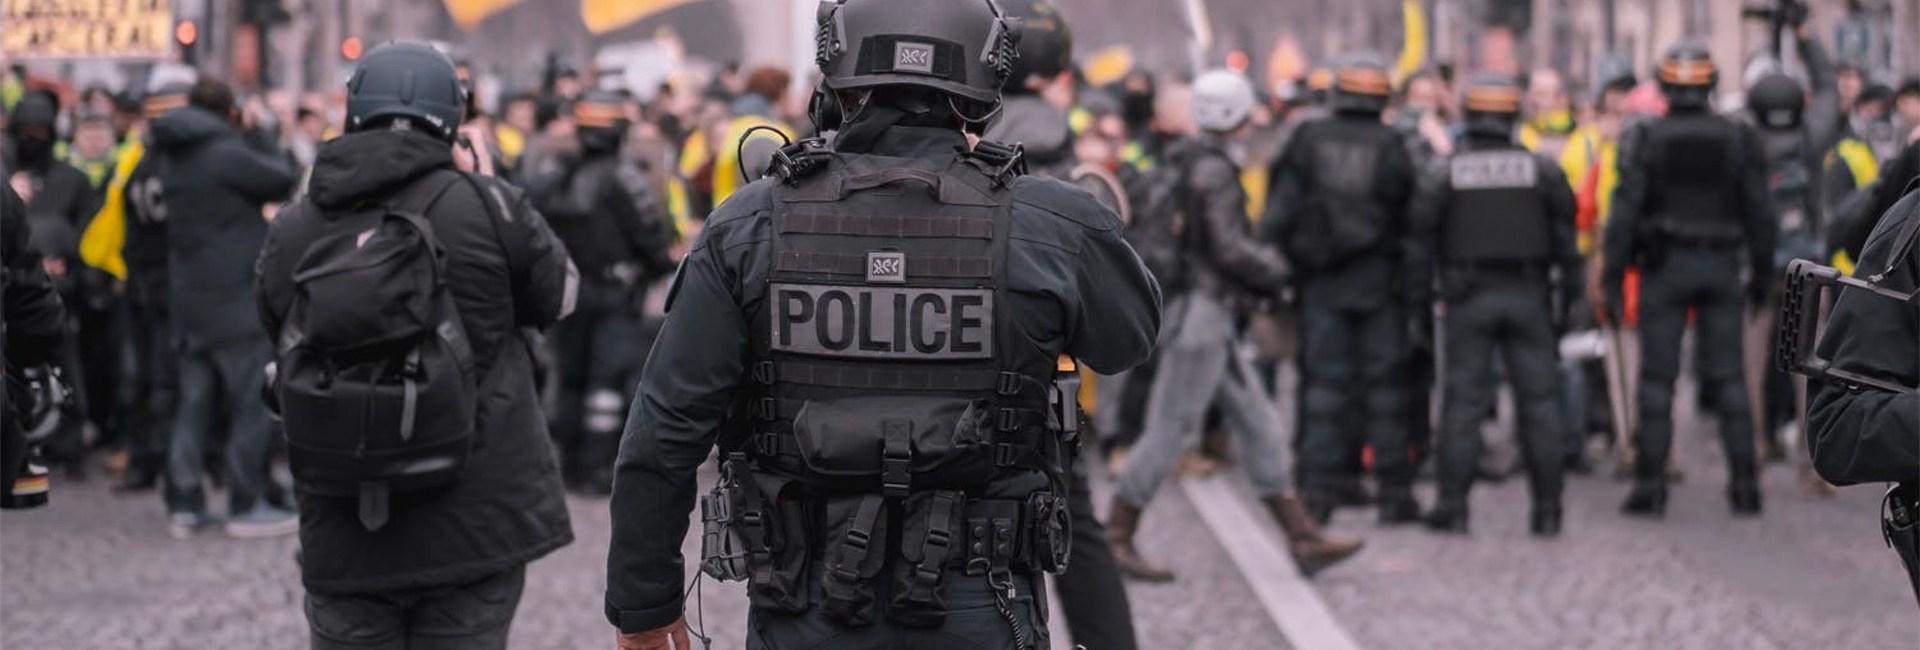 police-francaise